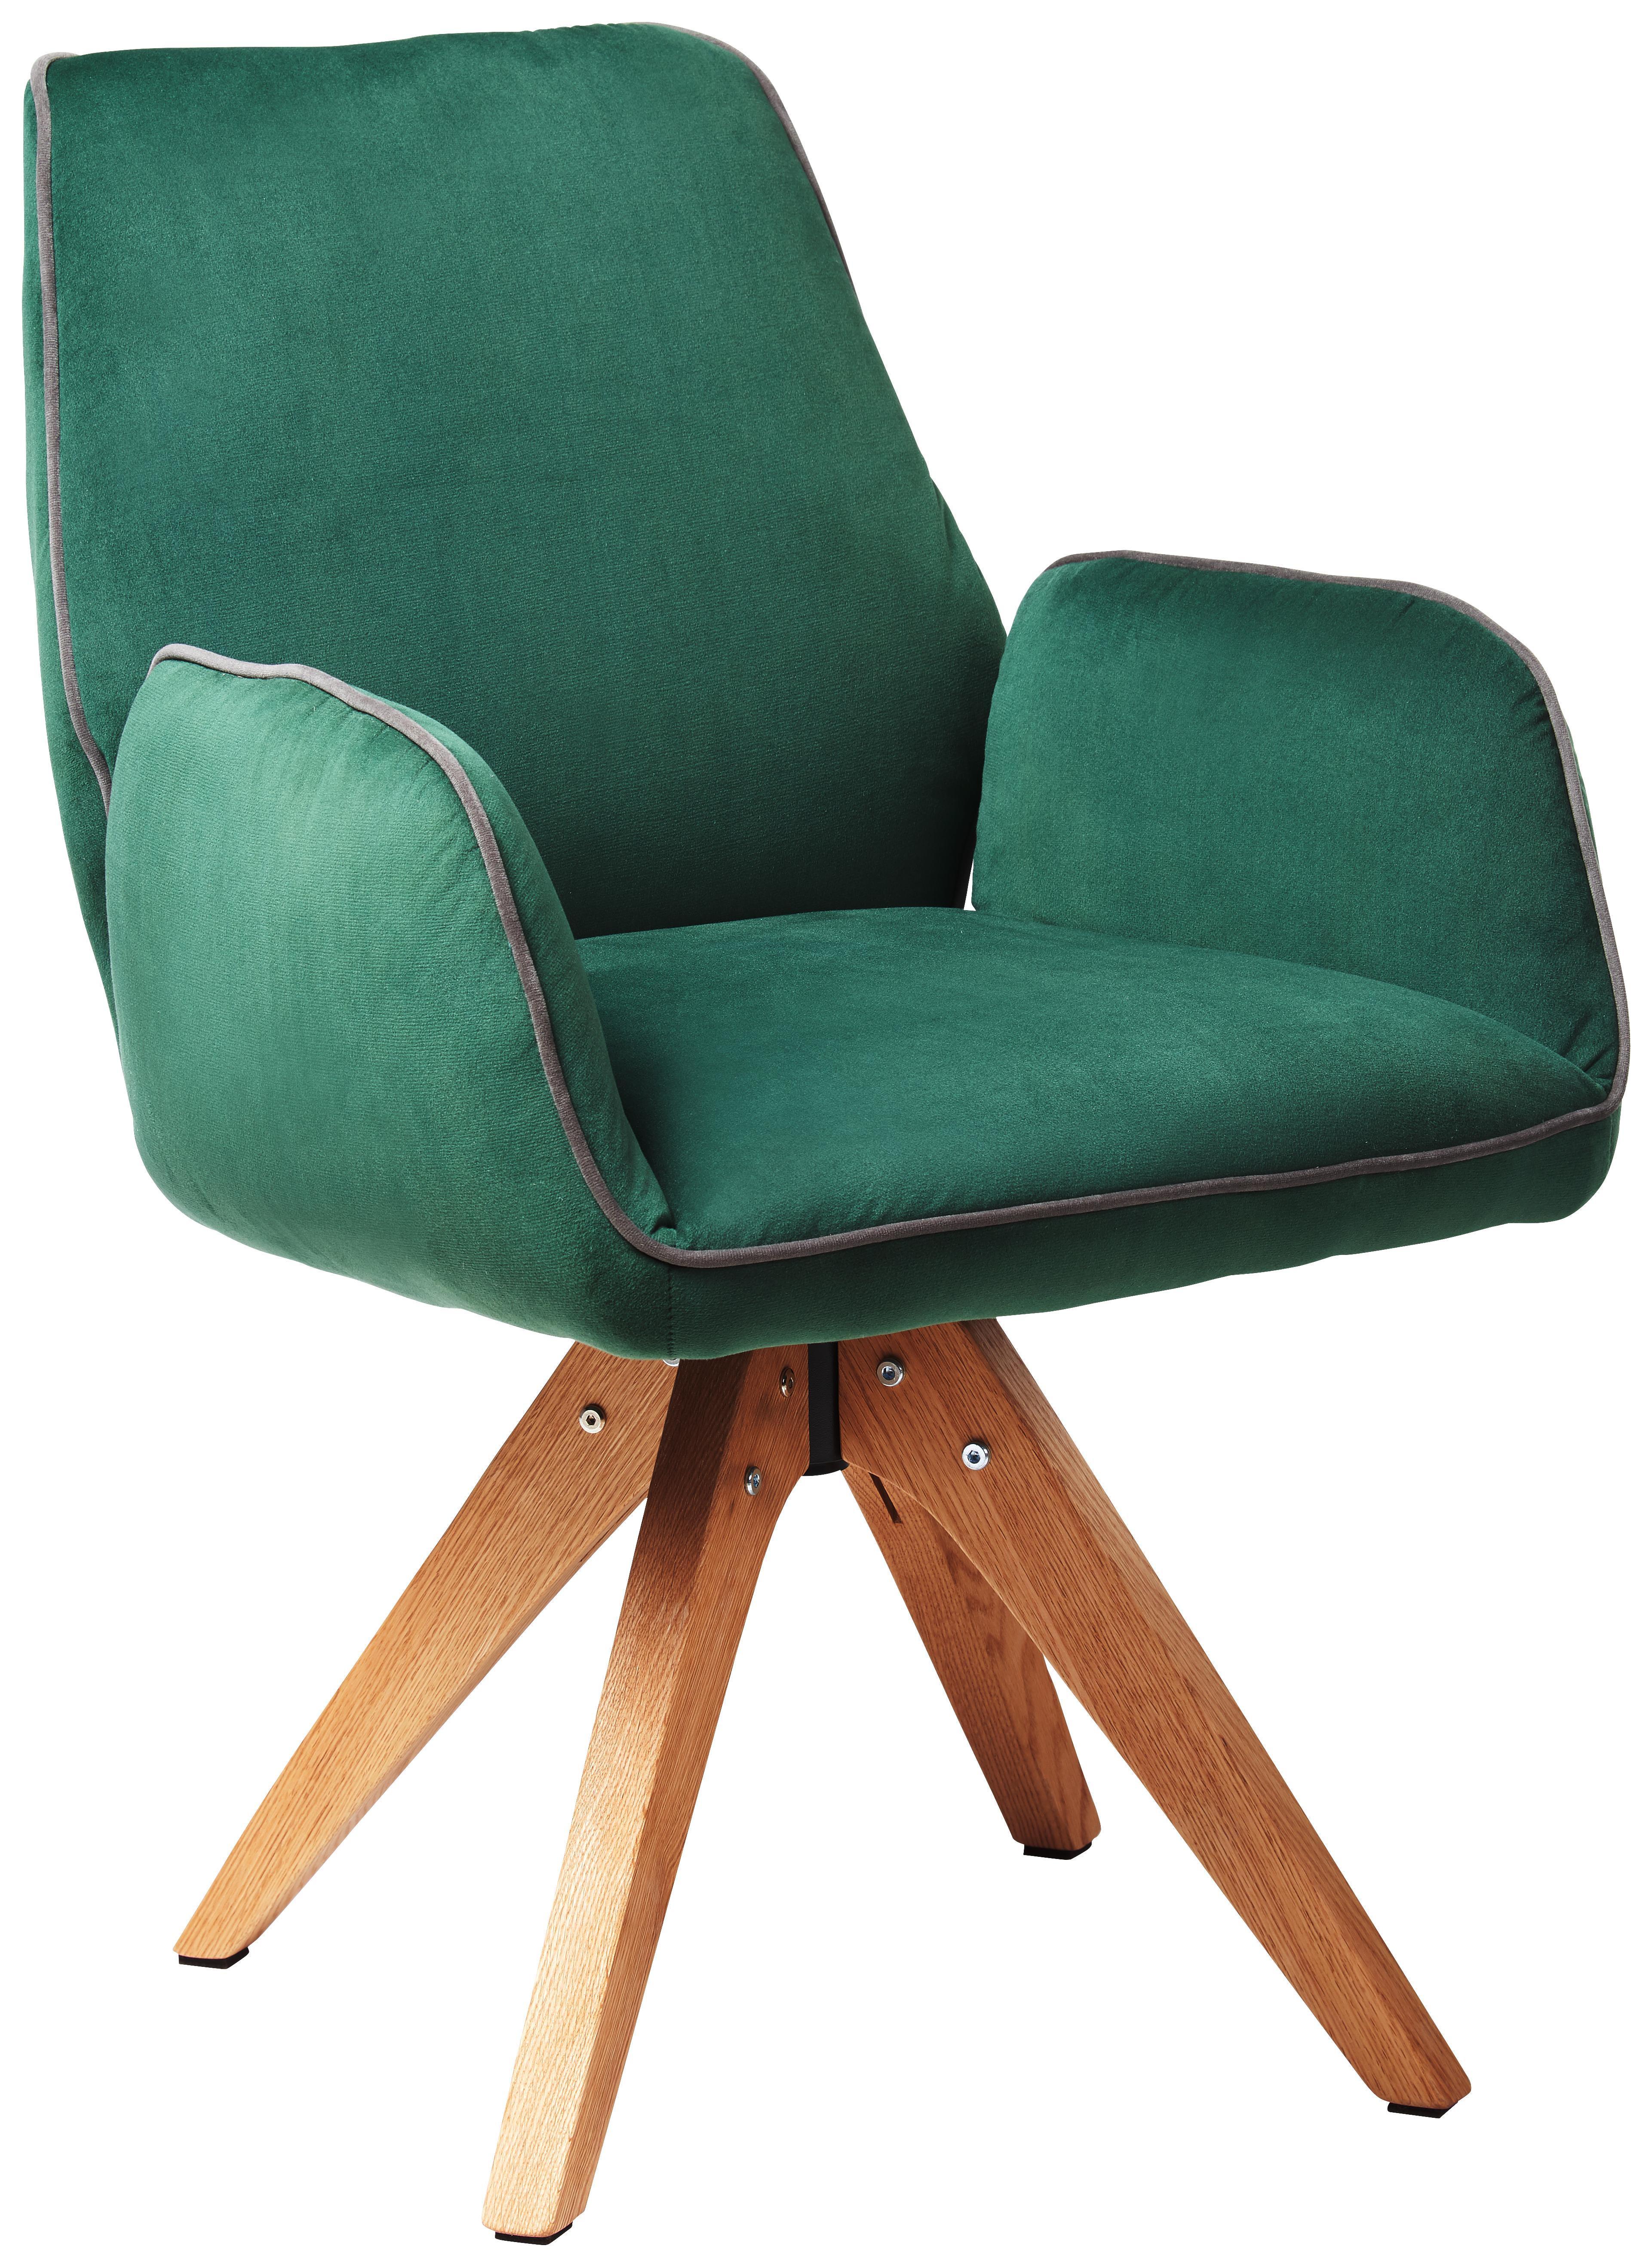 Stuhl Stuhl In HolzTextil Stuhl GrauGrünEichefarben In HolzTextil GrauGrünEichefarben GrauGrünEichefarben Stuhl In HolzTextil xoeQrBCdW